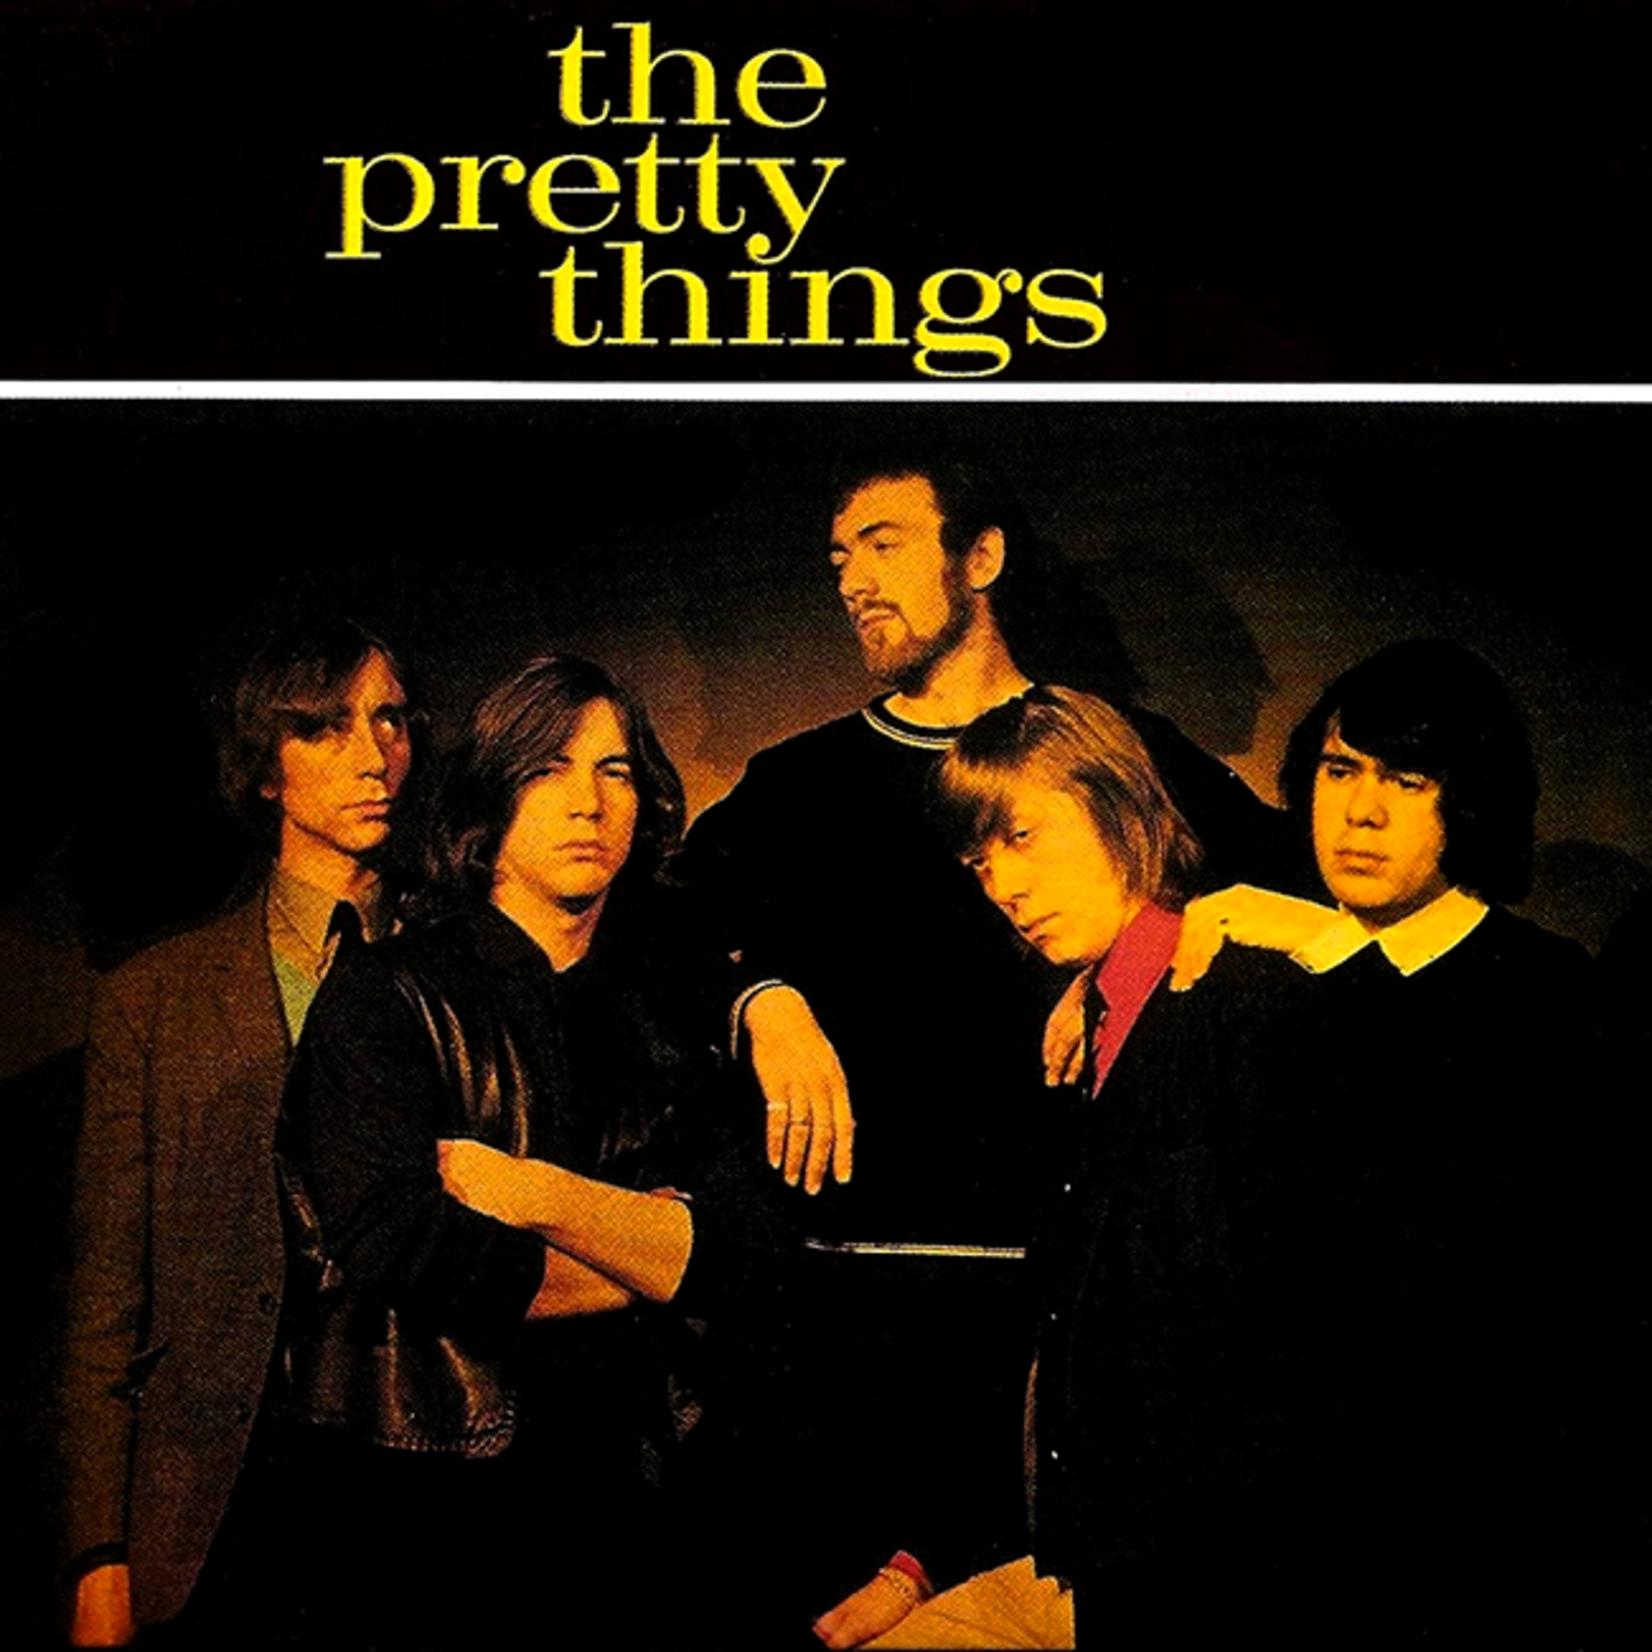 [New] Pretty Things: The Pretty Things (mono mix)